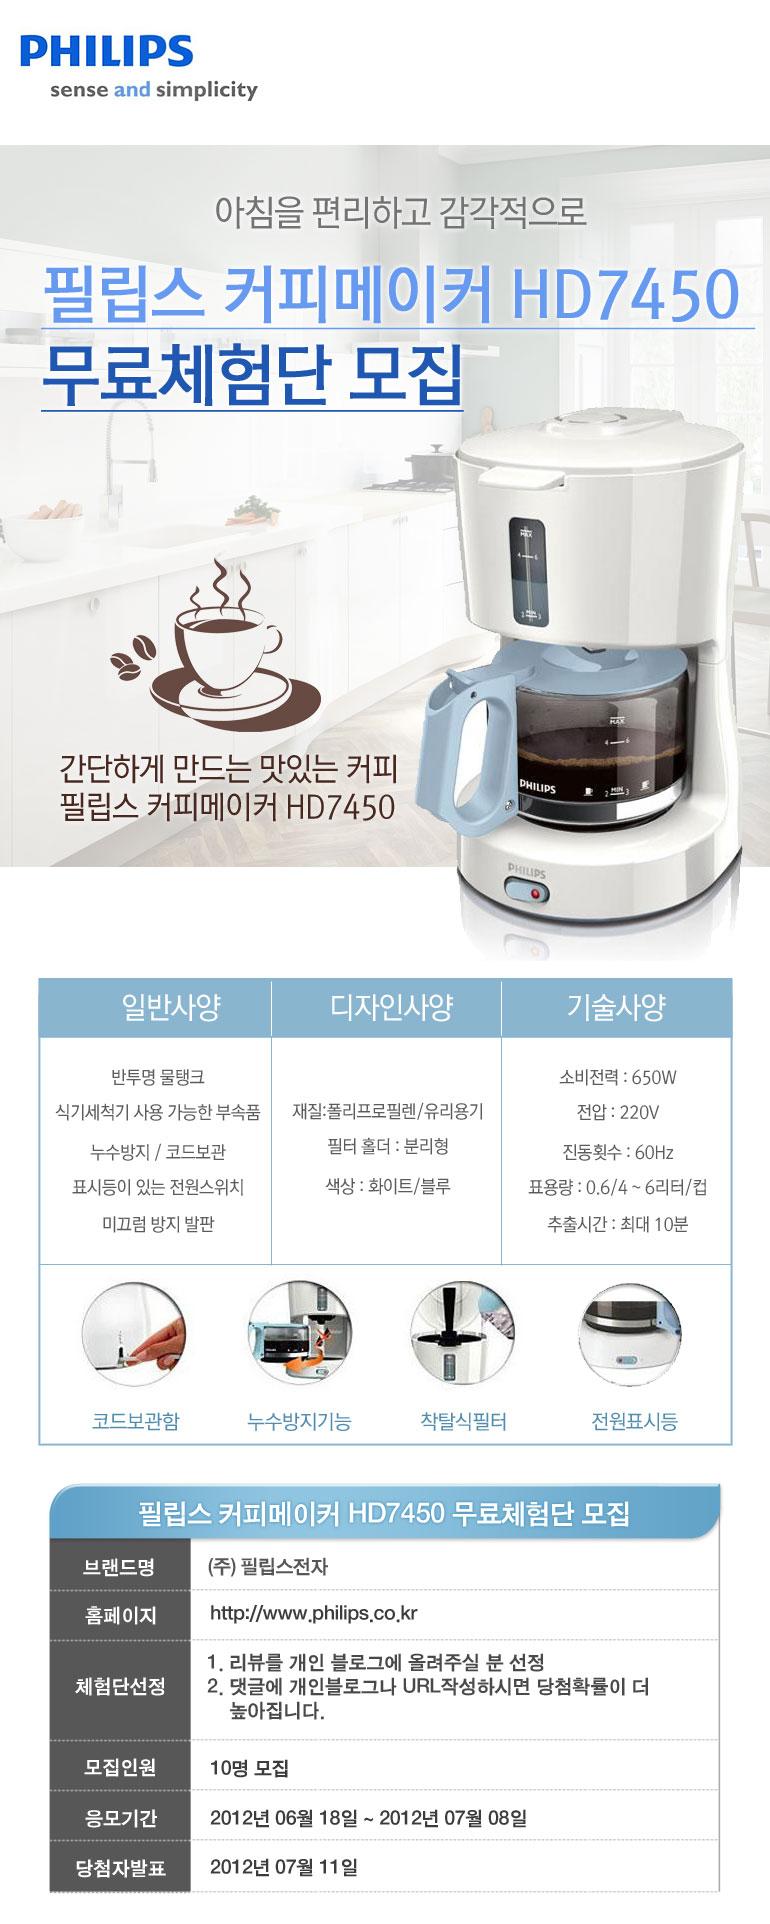 필립스 커피메이커 HD7450 무료체험단 후기